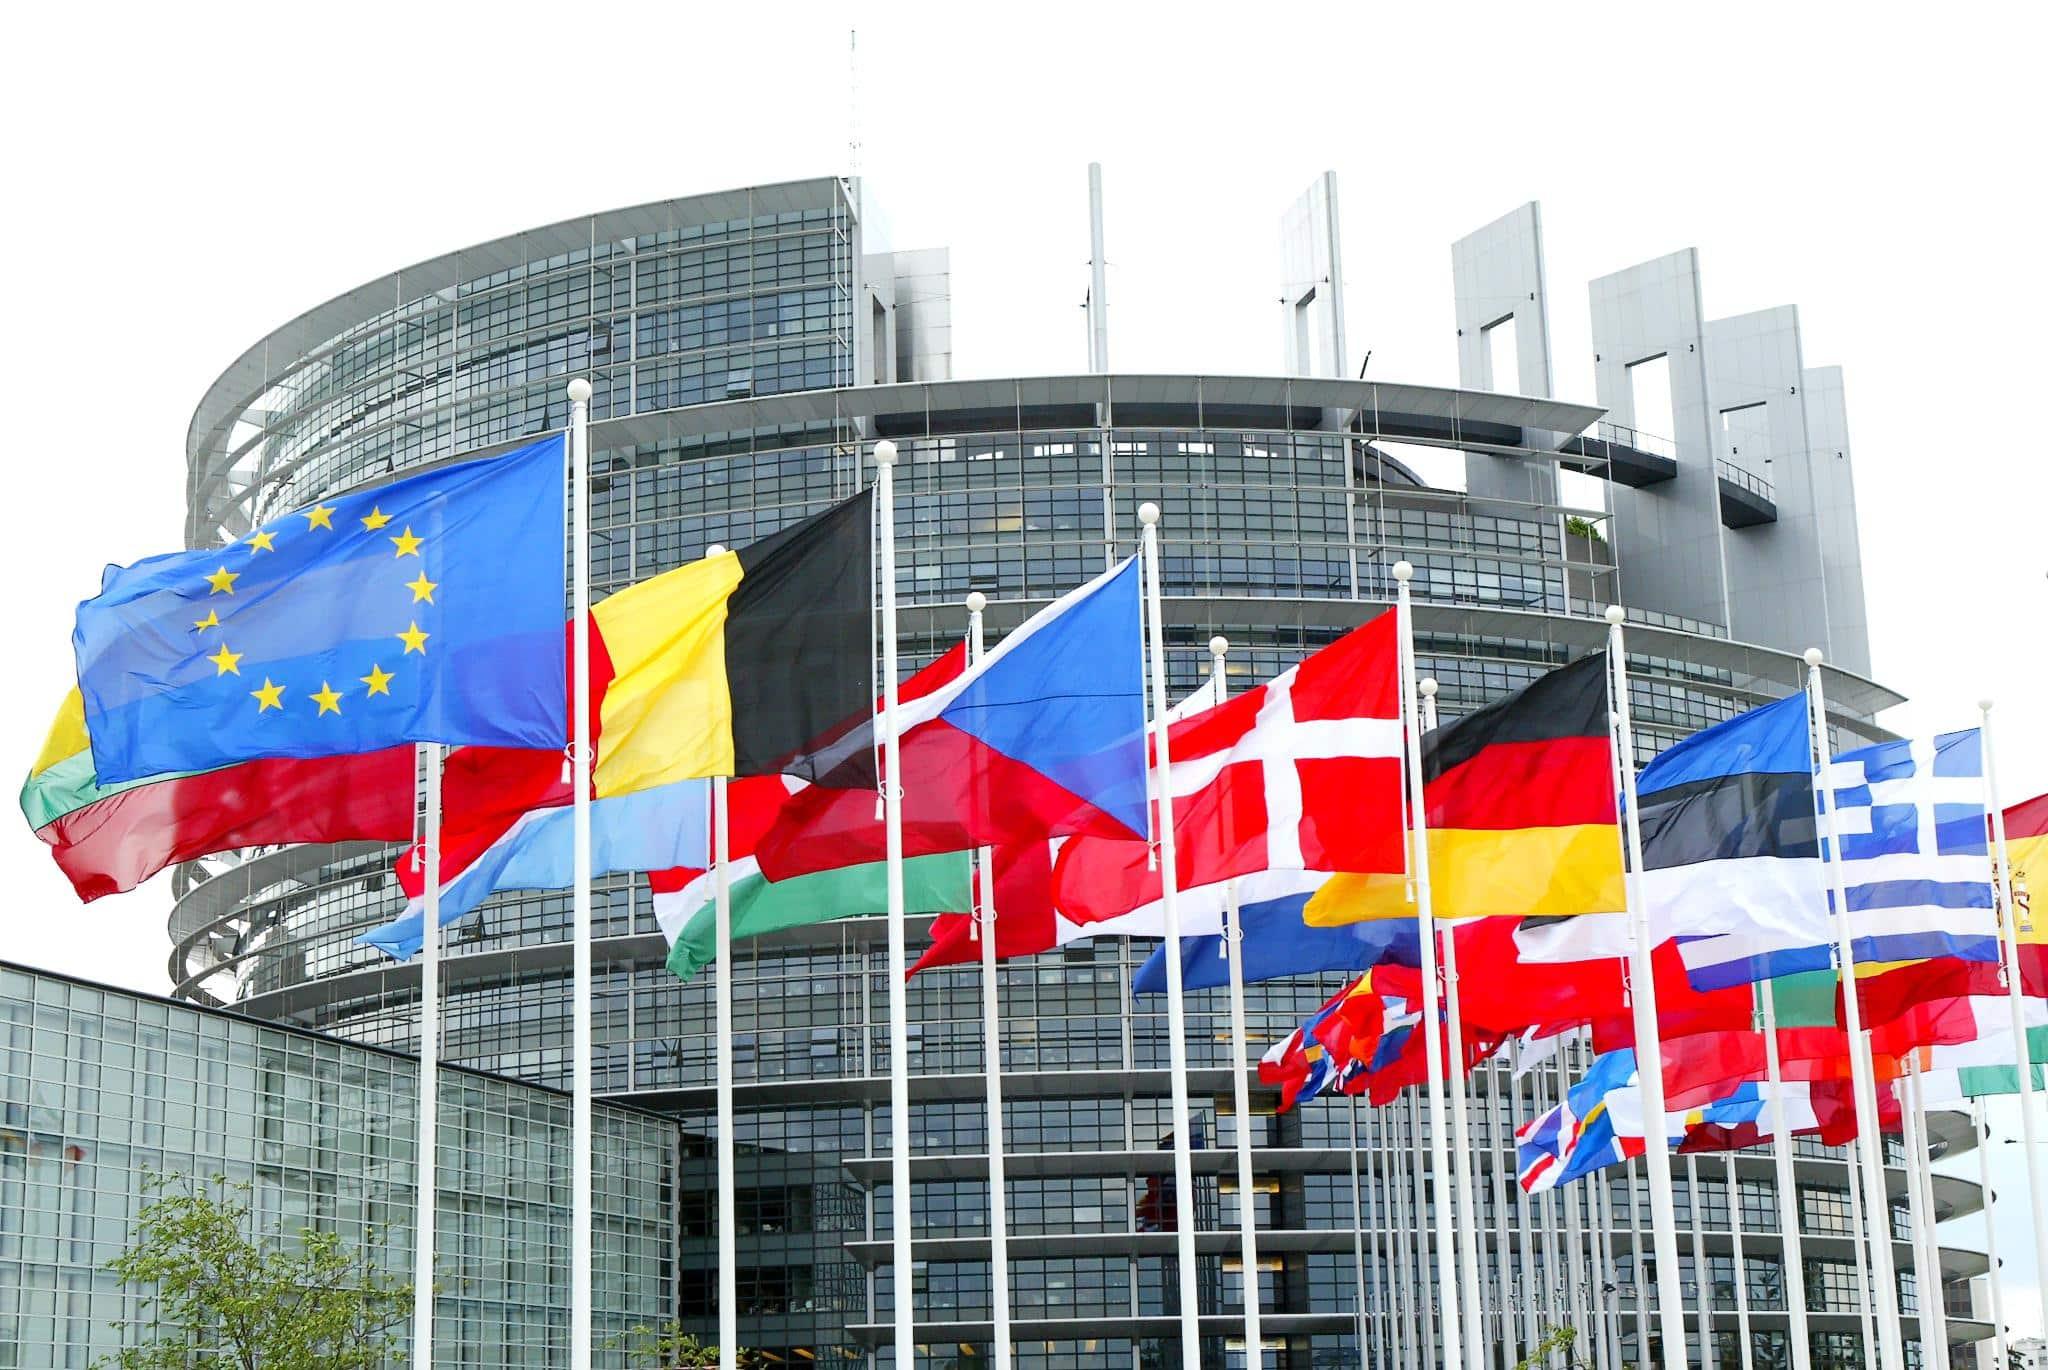 Tras años de negociaciones, parlamento europeo aprueba tratado de comercio con Canadá